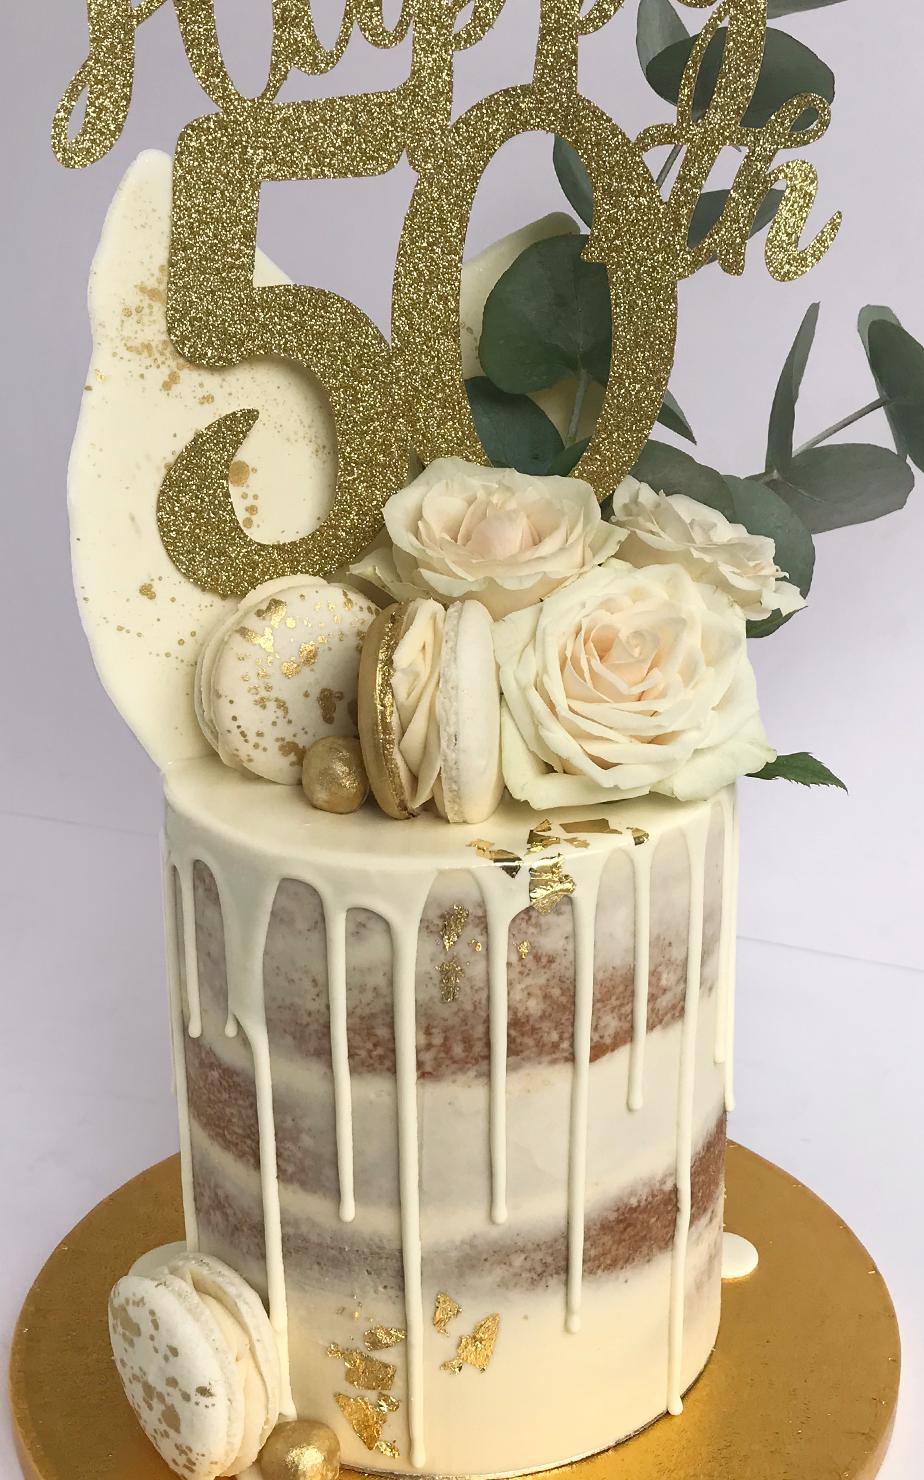 Mens Birthday Cake Luxury Celebration Cakes Antonias Cakes